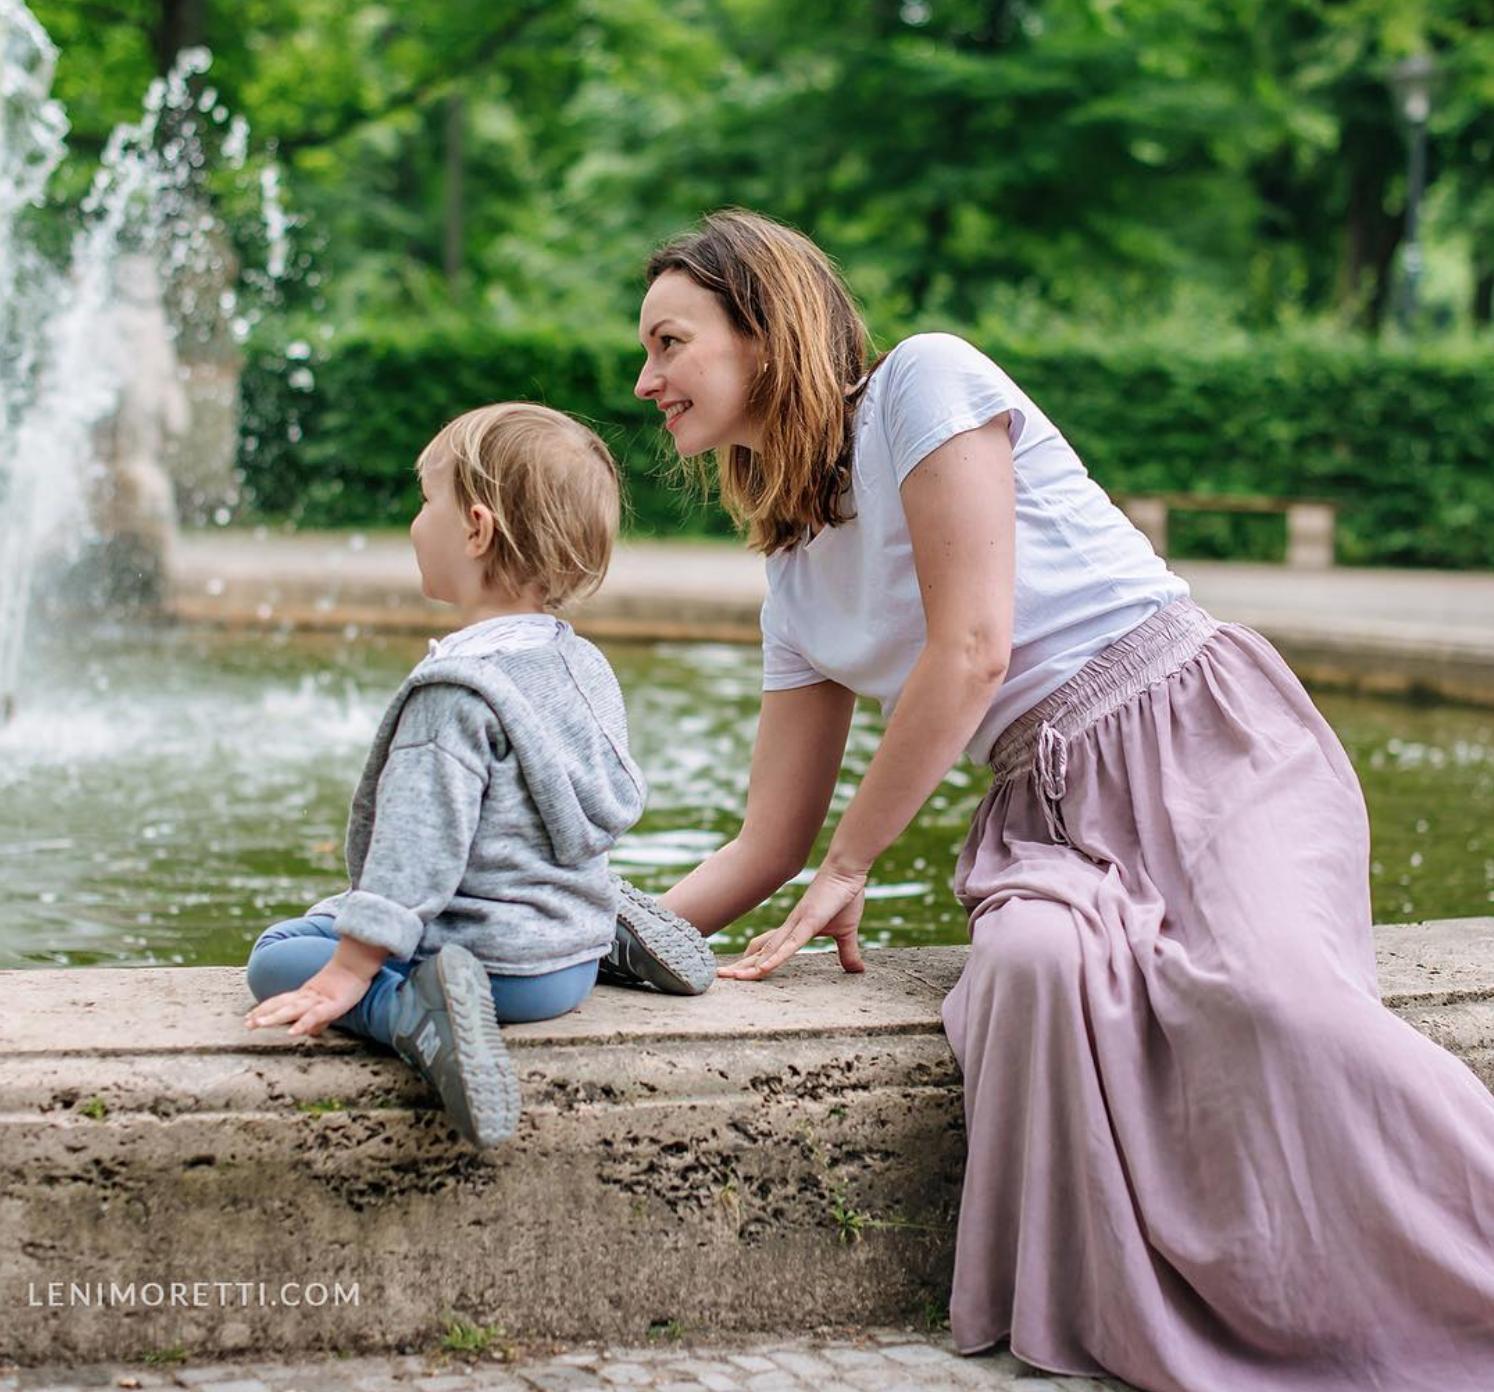 natuerliche-kinderfotos-tipps